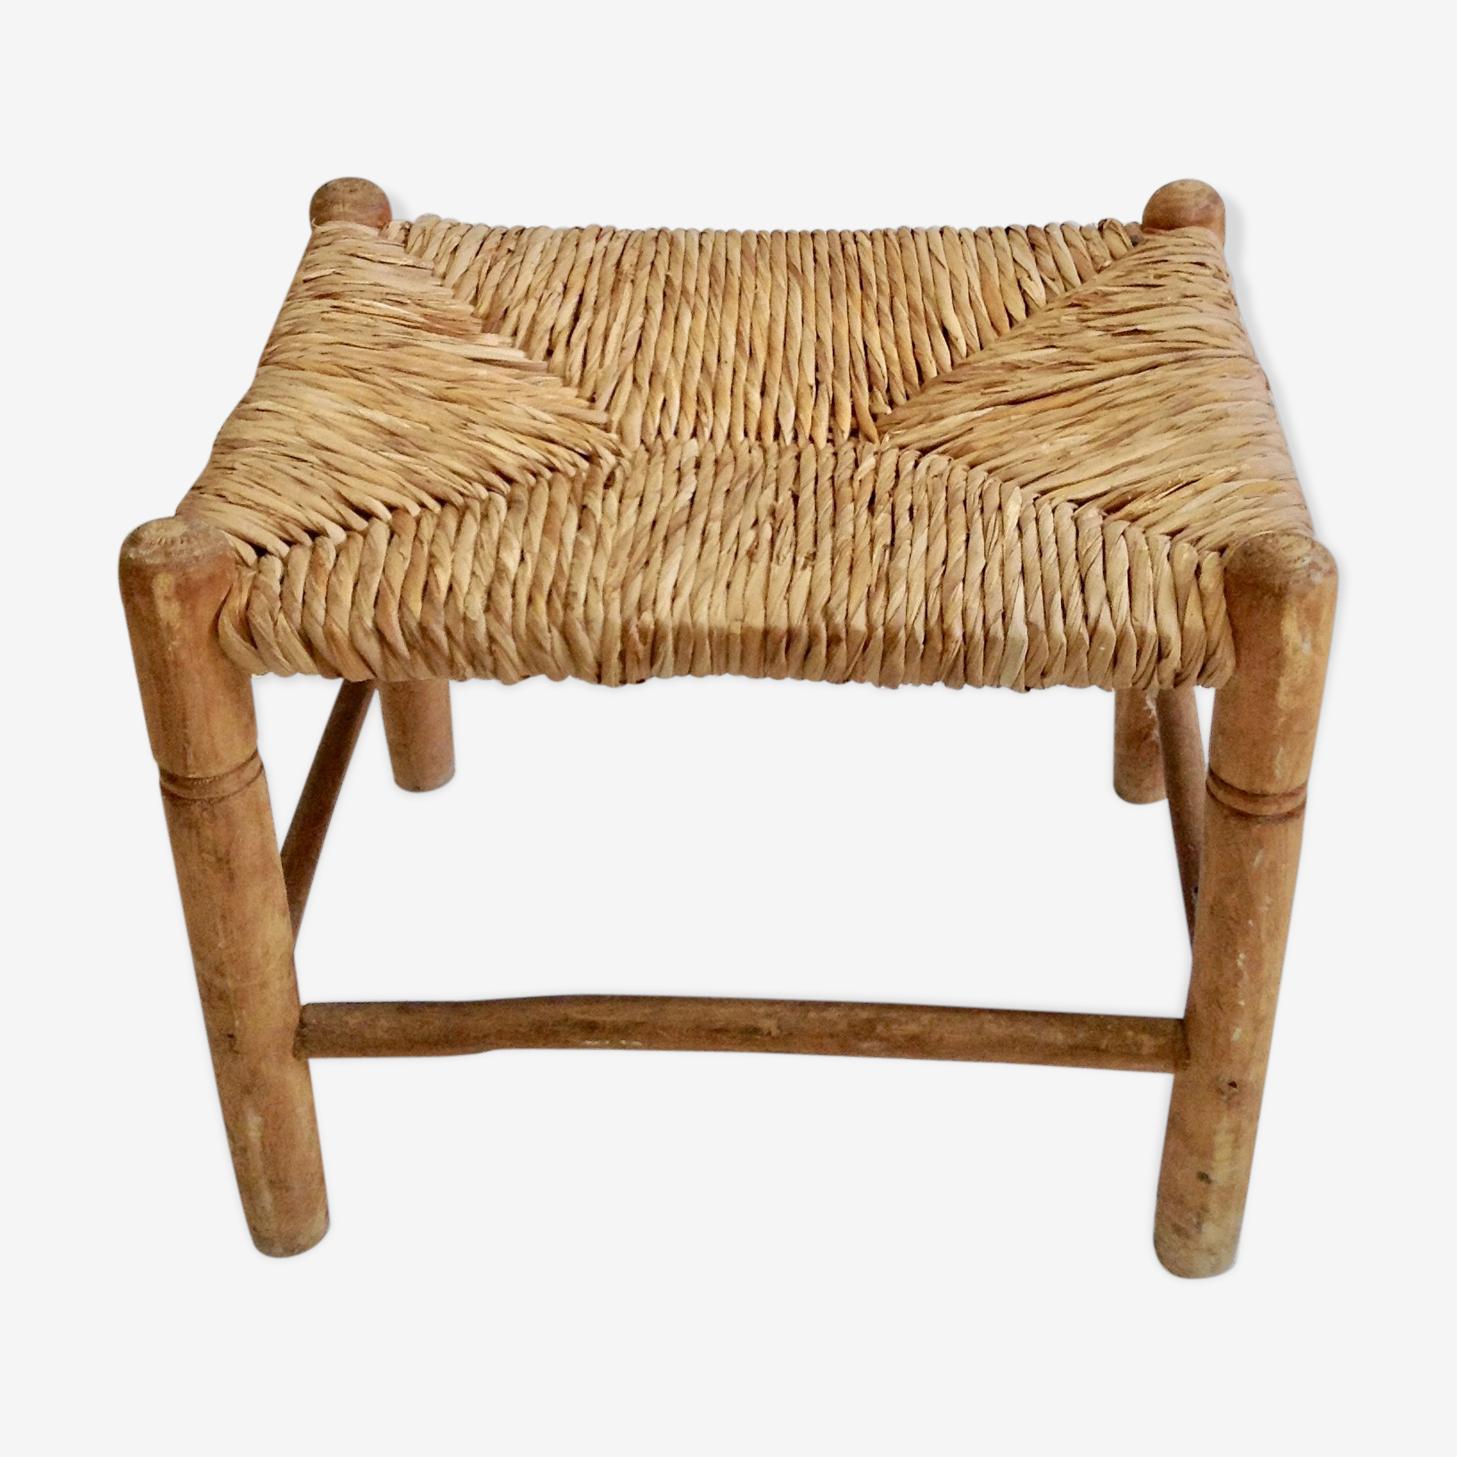 Straw stool